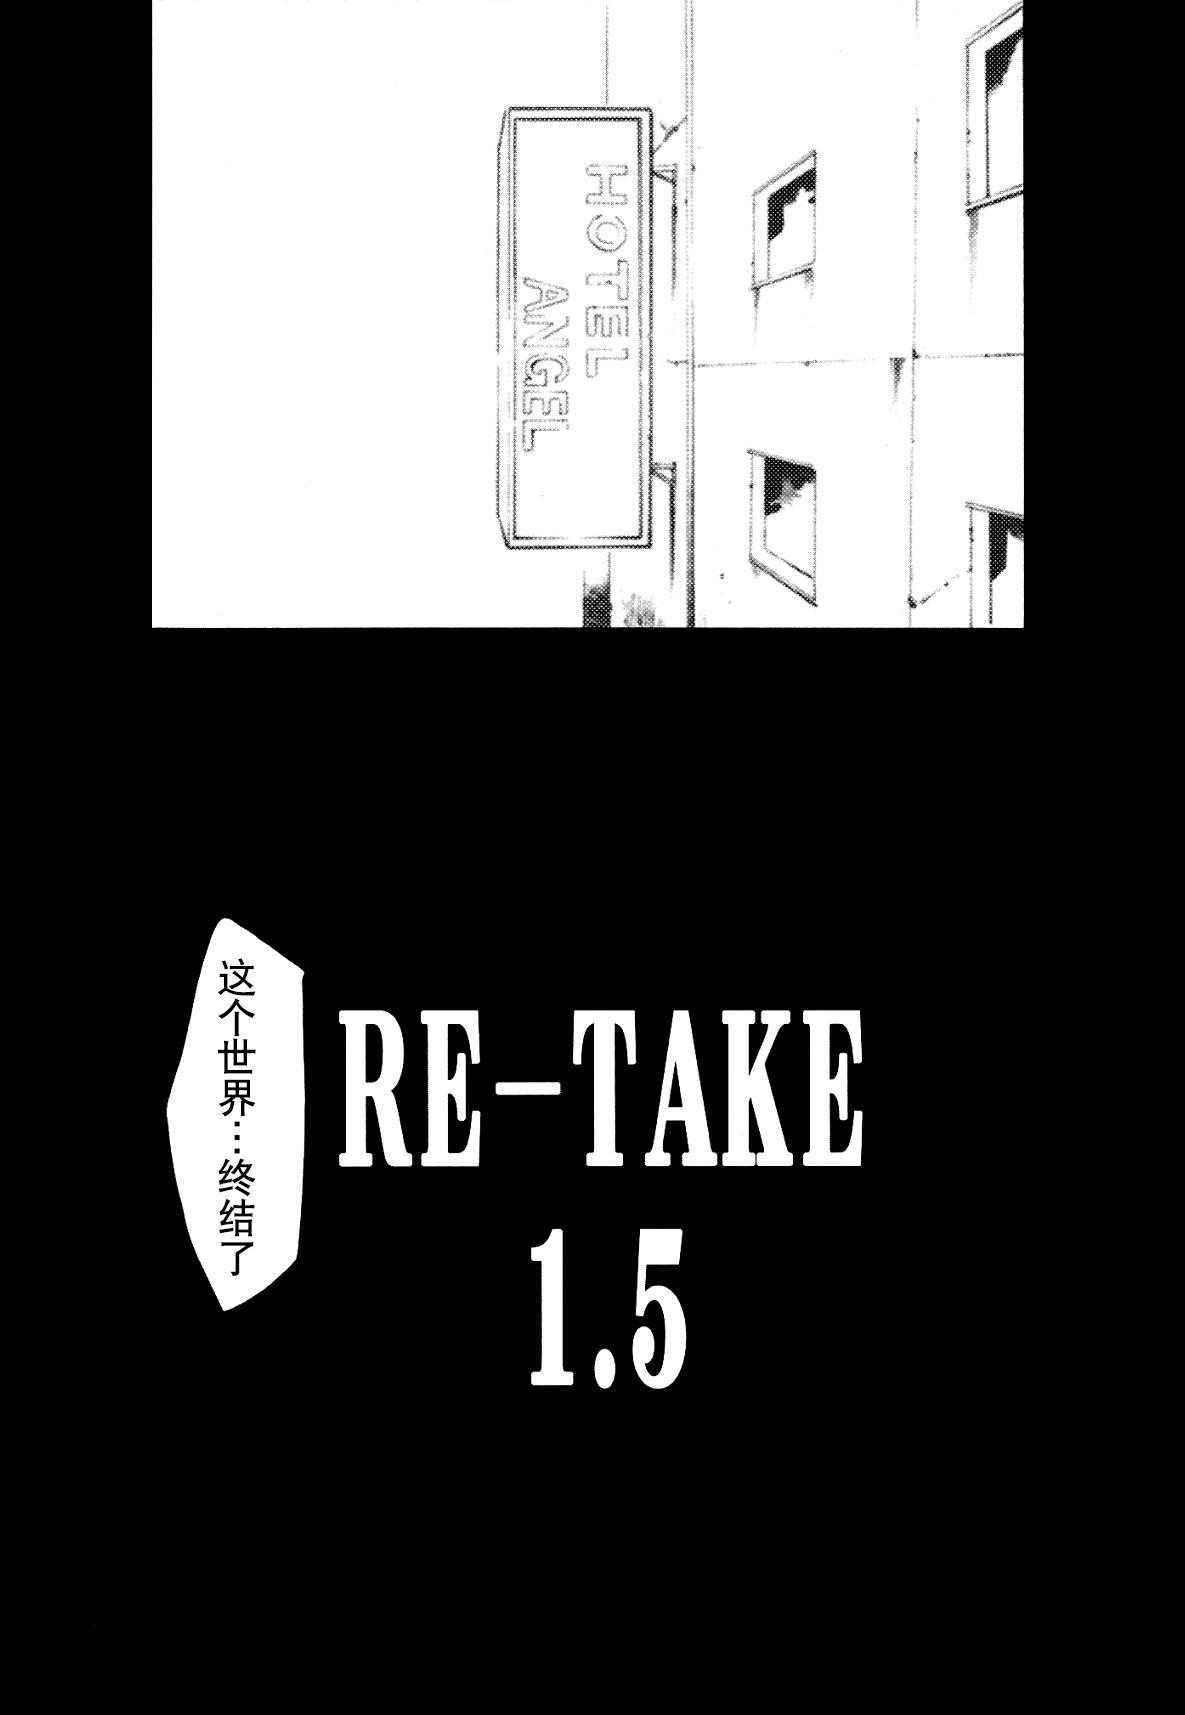 RE-TAKE 1.5 2